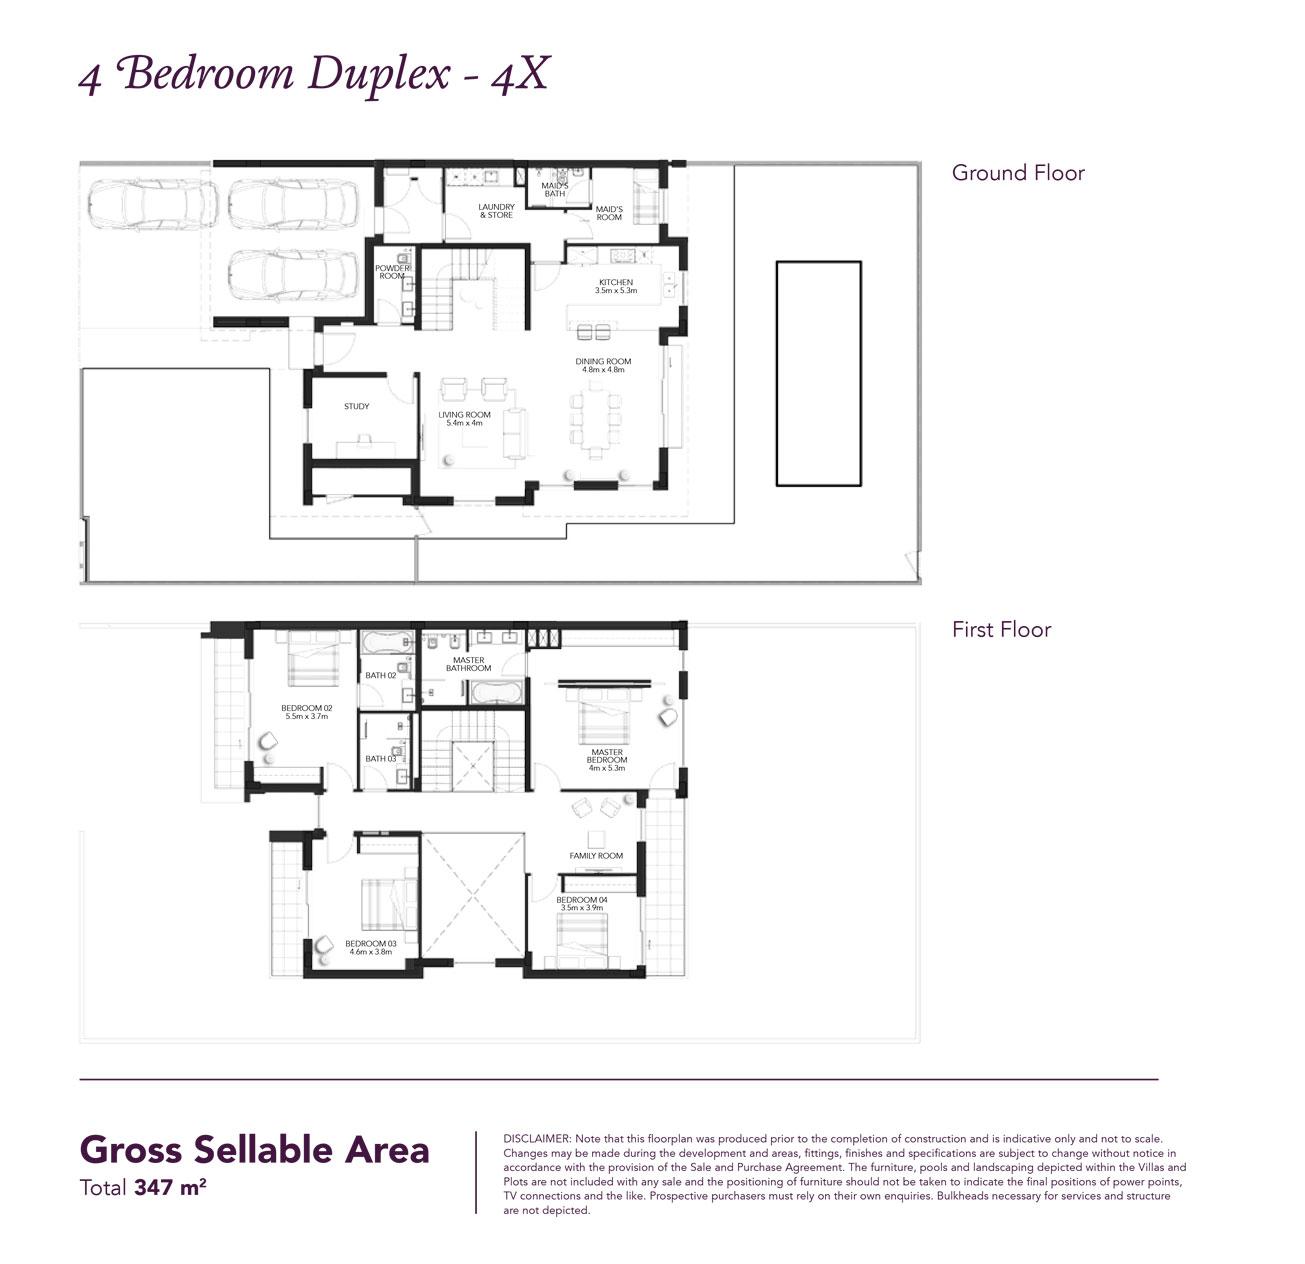 تاون هاوس من 4 غرف نوم - مساحة مبنية 3733 قدم مربع